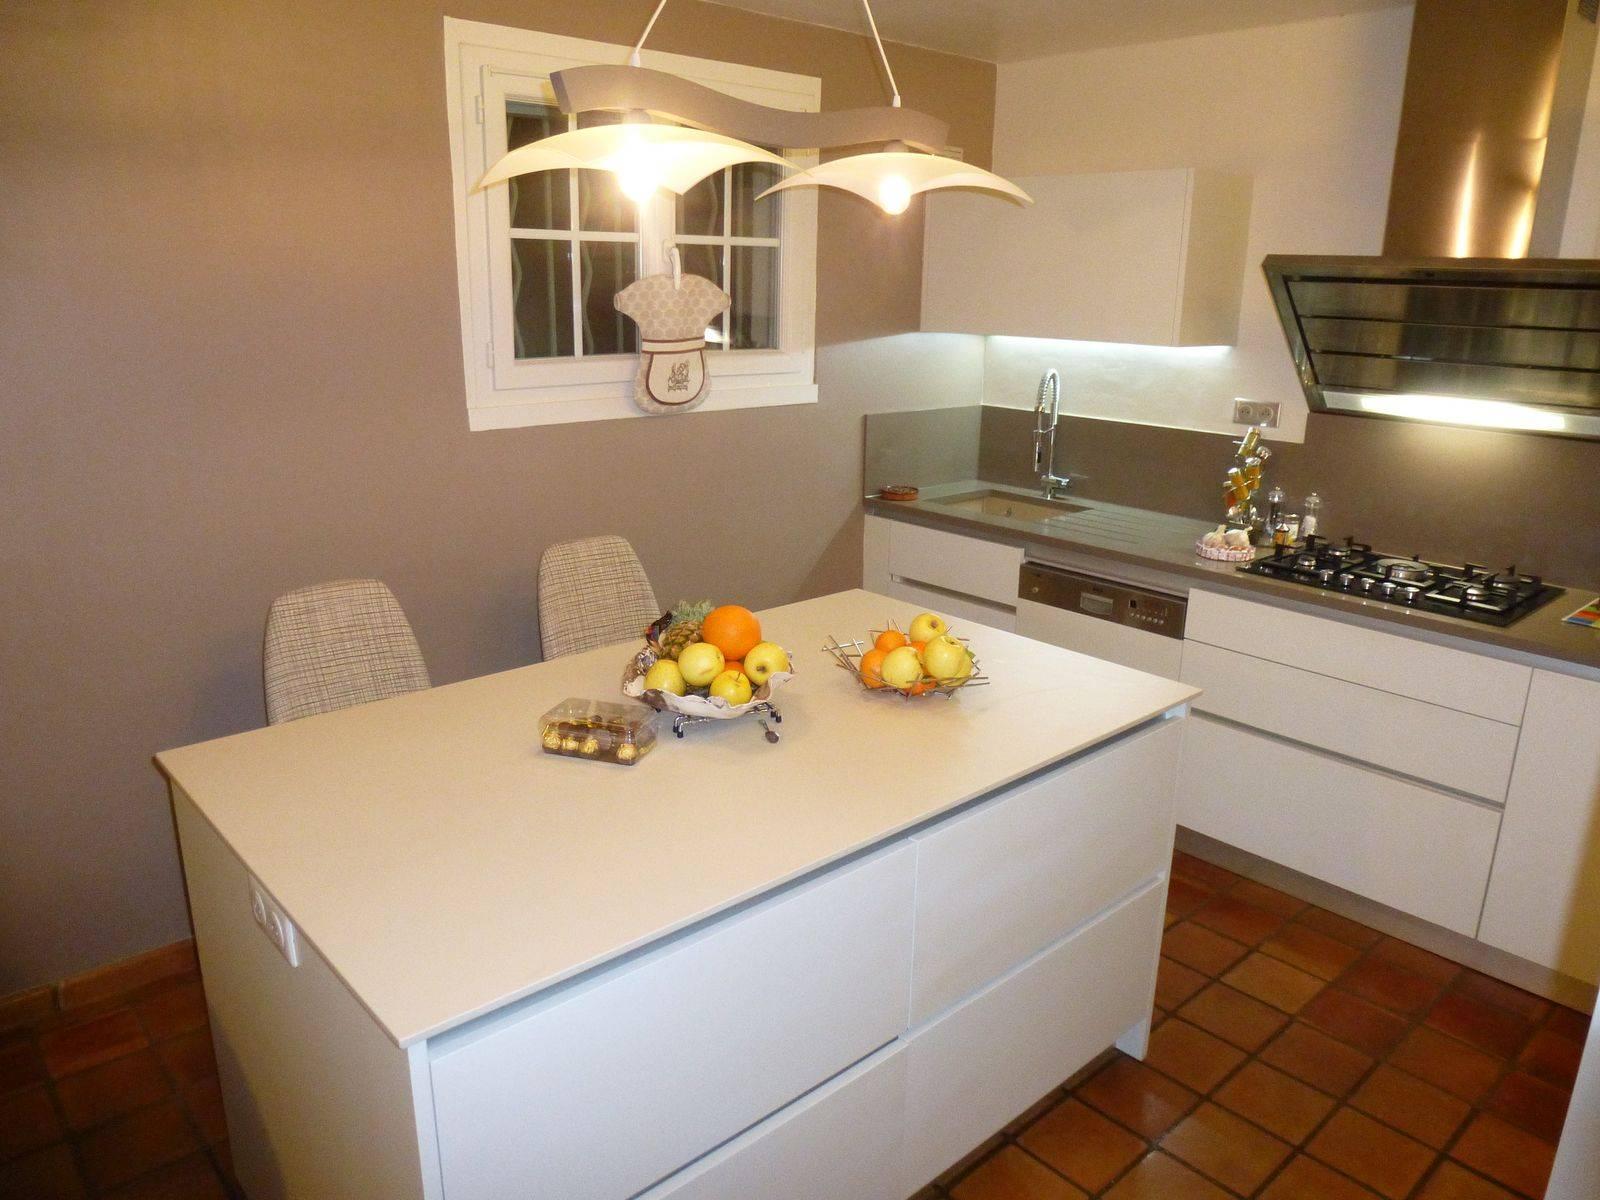 cuisine laque blanche mod le int gral atelier bois deco. Black Bedroom Furniture Sets. Home Design Ideas